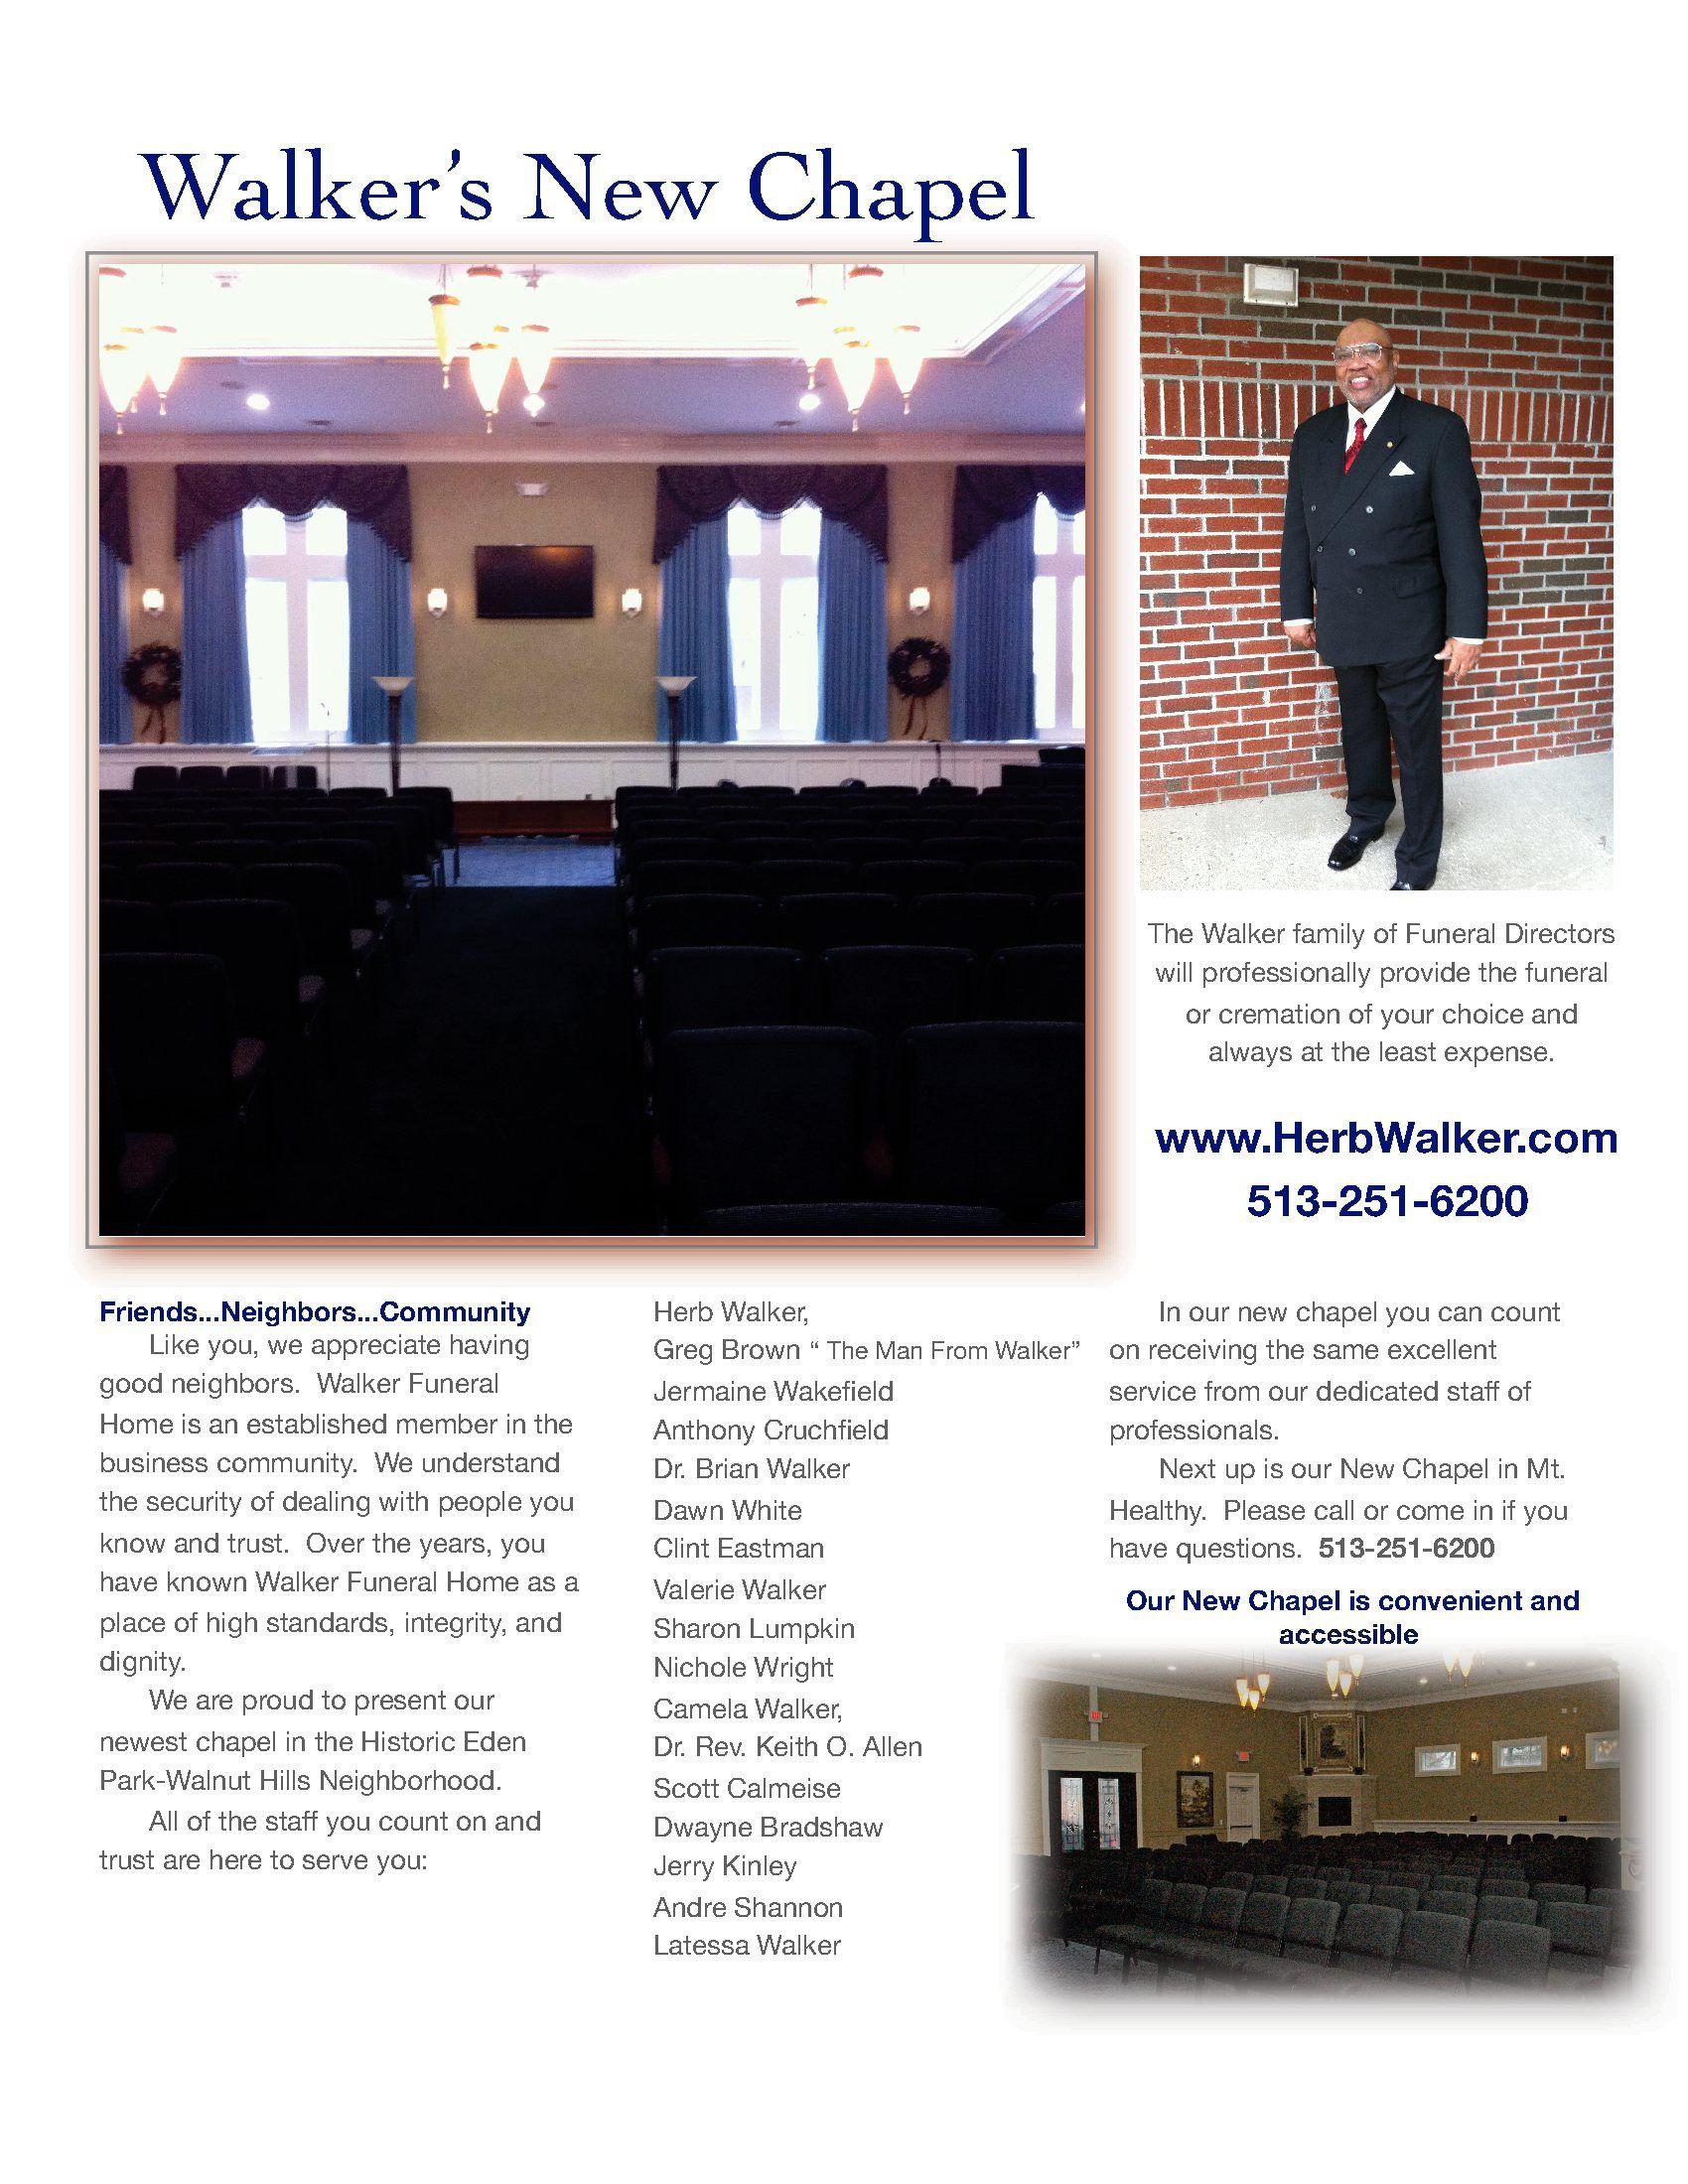 Walker Funeral Home Walnut Hills Chapel 513 251 6200 Www Herbwalker Com Funeral Home Funeral Chapel